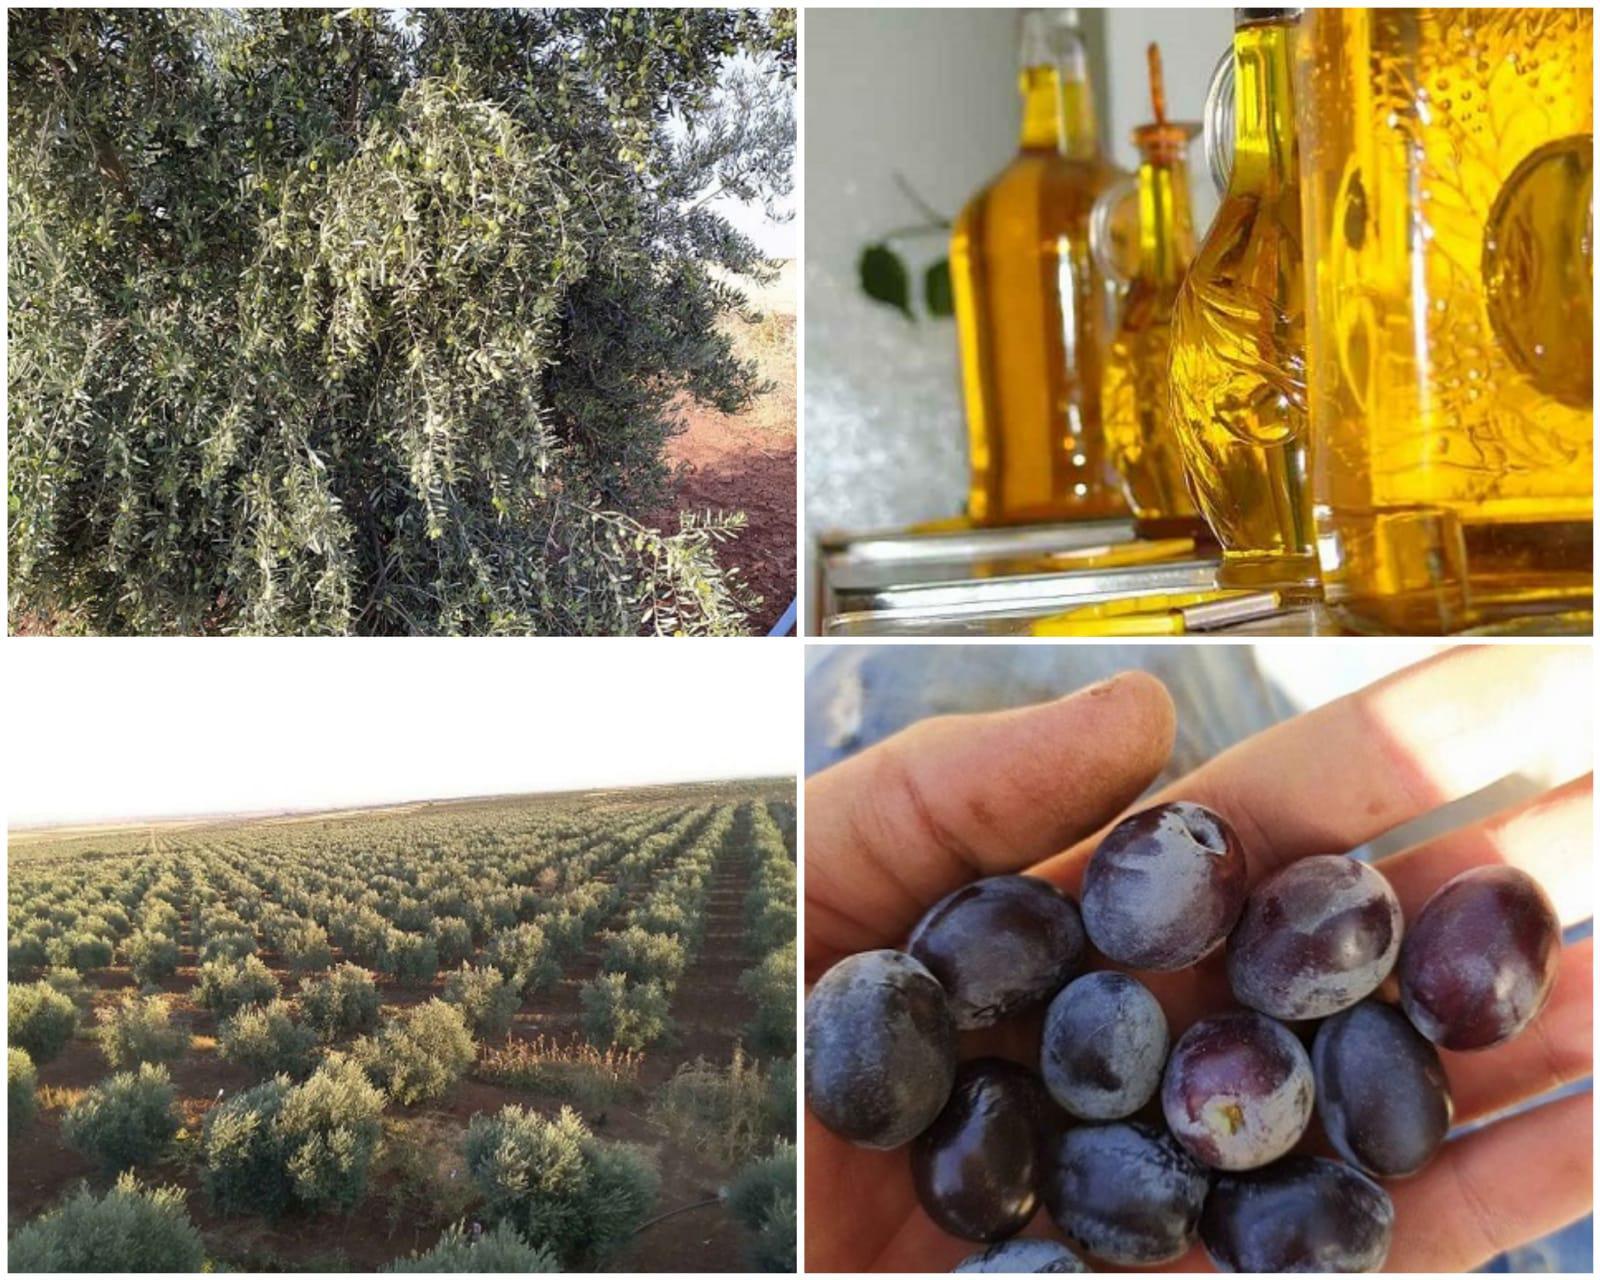 Zeytinyağı - Üretici Kerem Emir 30 tl fiyat ile 2.000 litre zeytinyağı  satmak istiyor